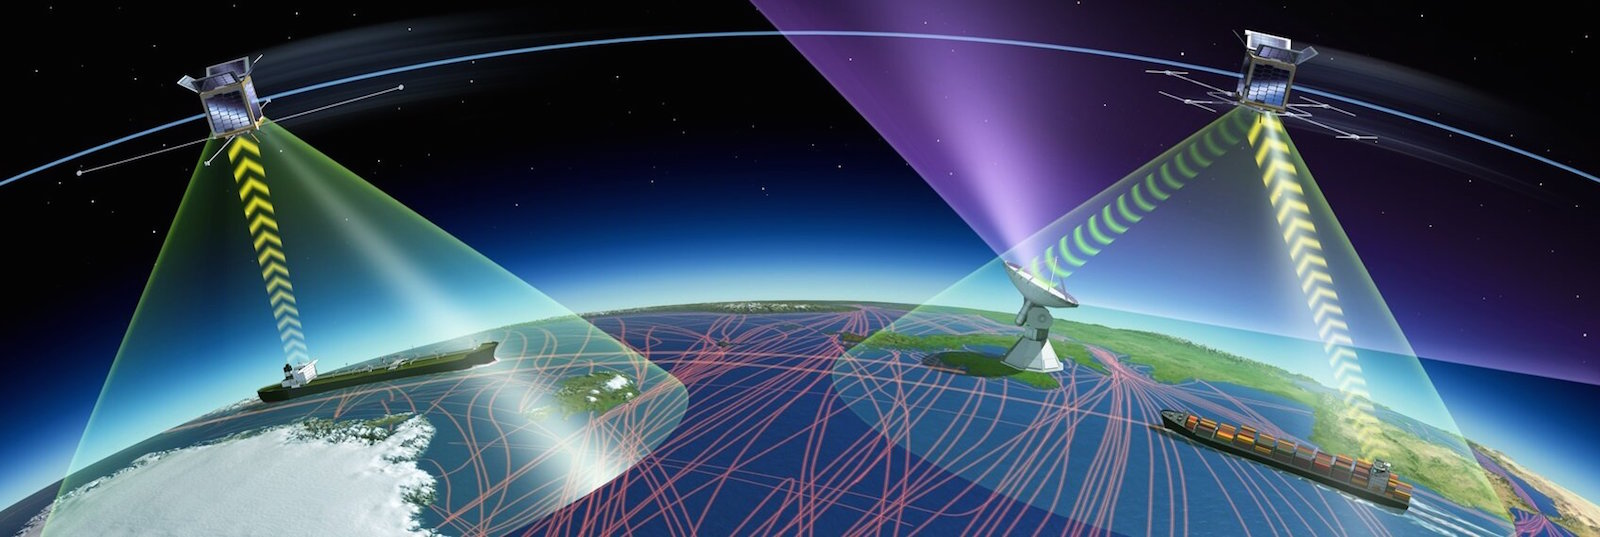 Umělá inteligence POSEIDON pomáhá optimalizovat lodní dopravu pomocí satelitních dat